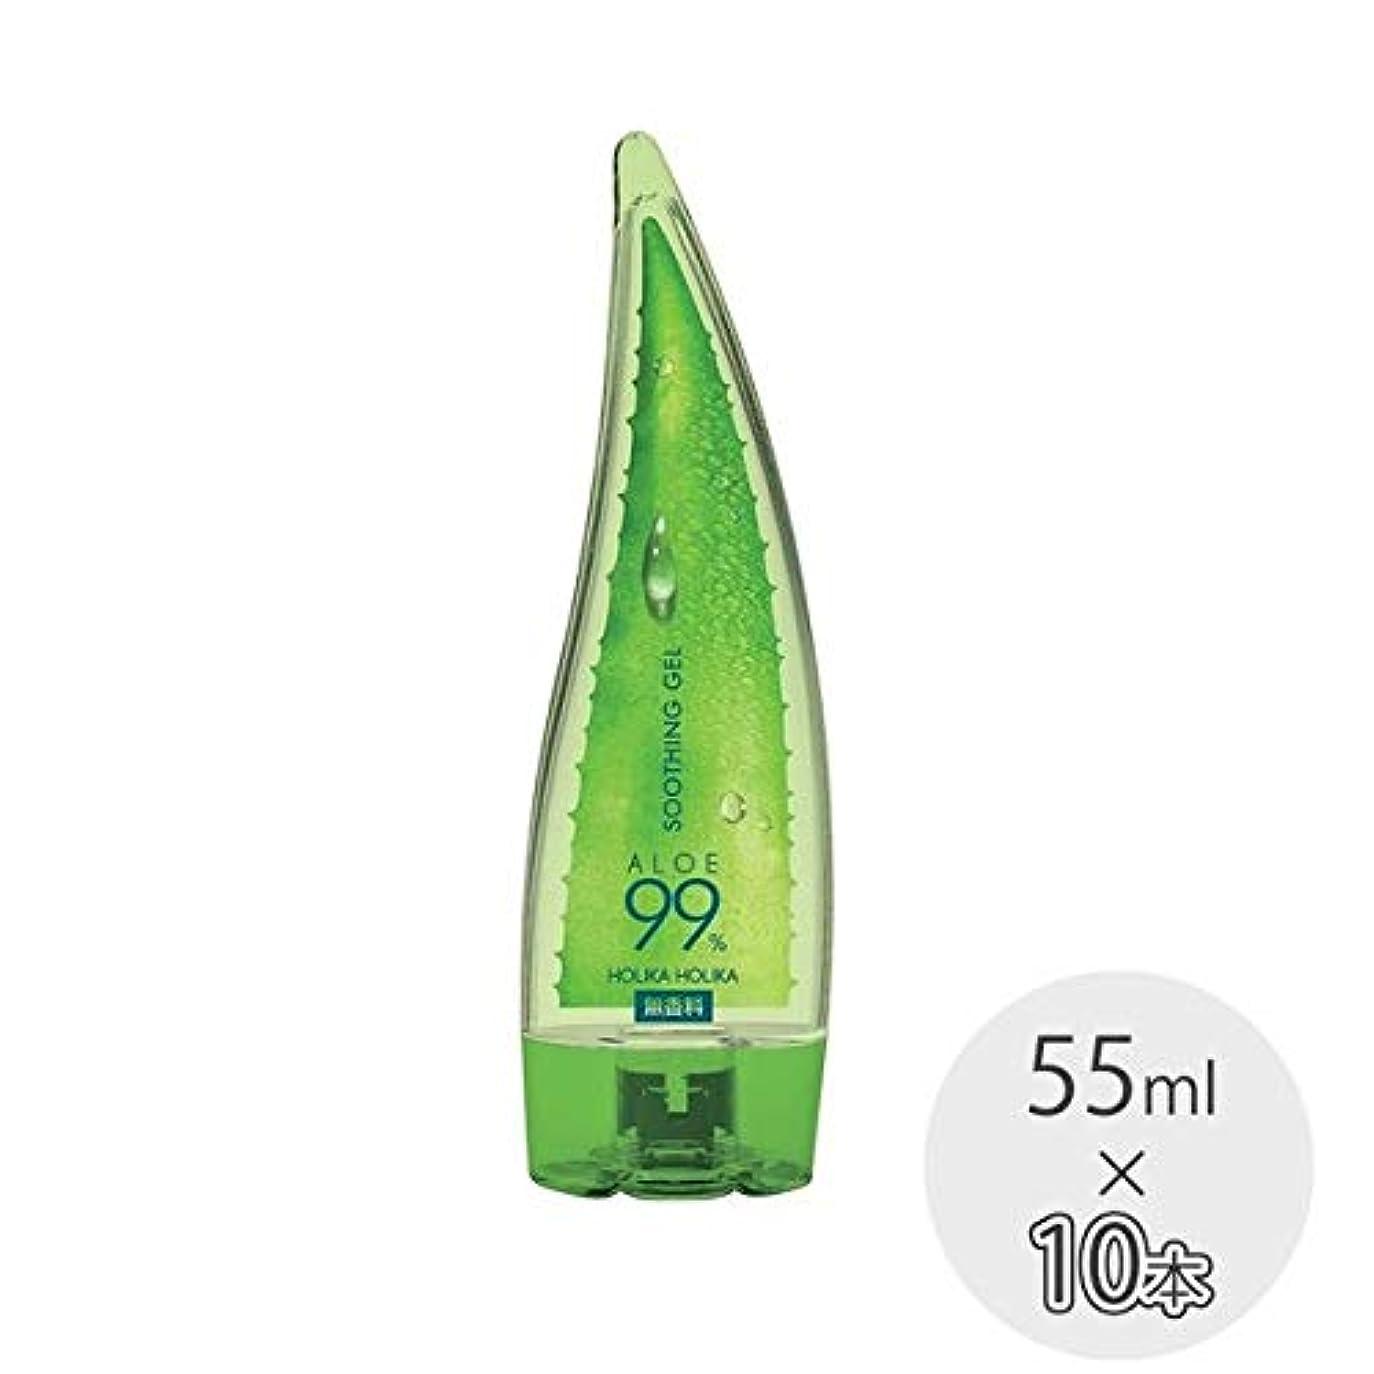 ストレンジャー航空便叱るHOLIKAHOLIKA ホリカホリカ アロエ99% スージングジェル 無香タイプ 55ml 10本セット (アロエベラ液汁99%配合 無香タイプ)